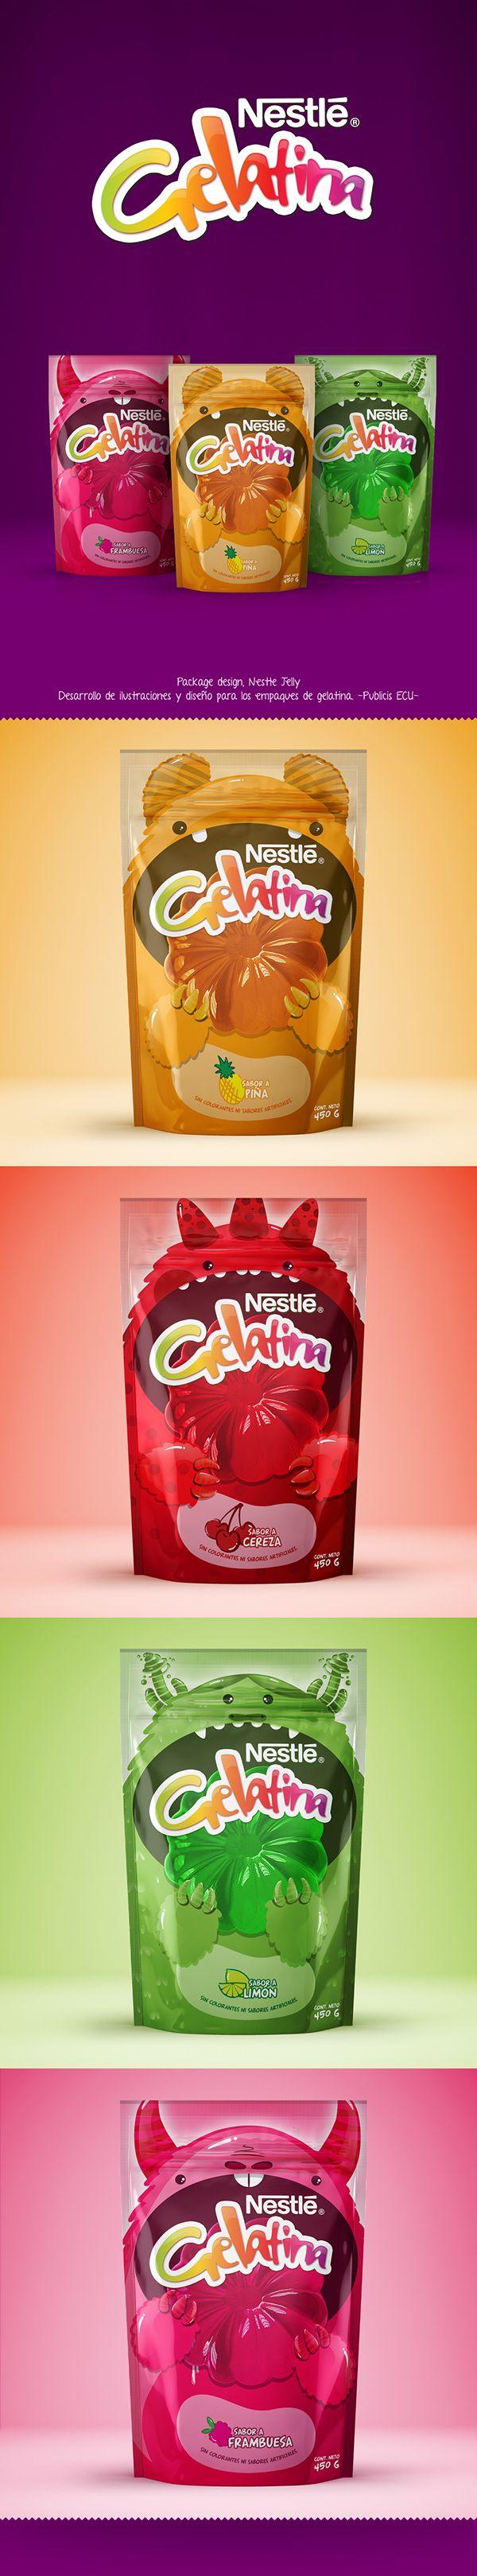 Desarrollo de ilustraciones para el diseño de empaques de gelatina. Package design, Nestle Jelly on Behance PD